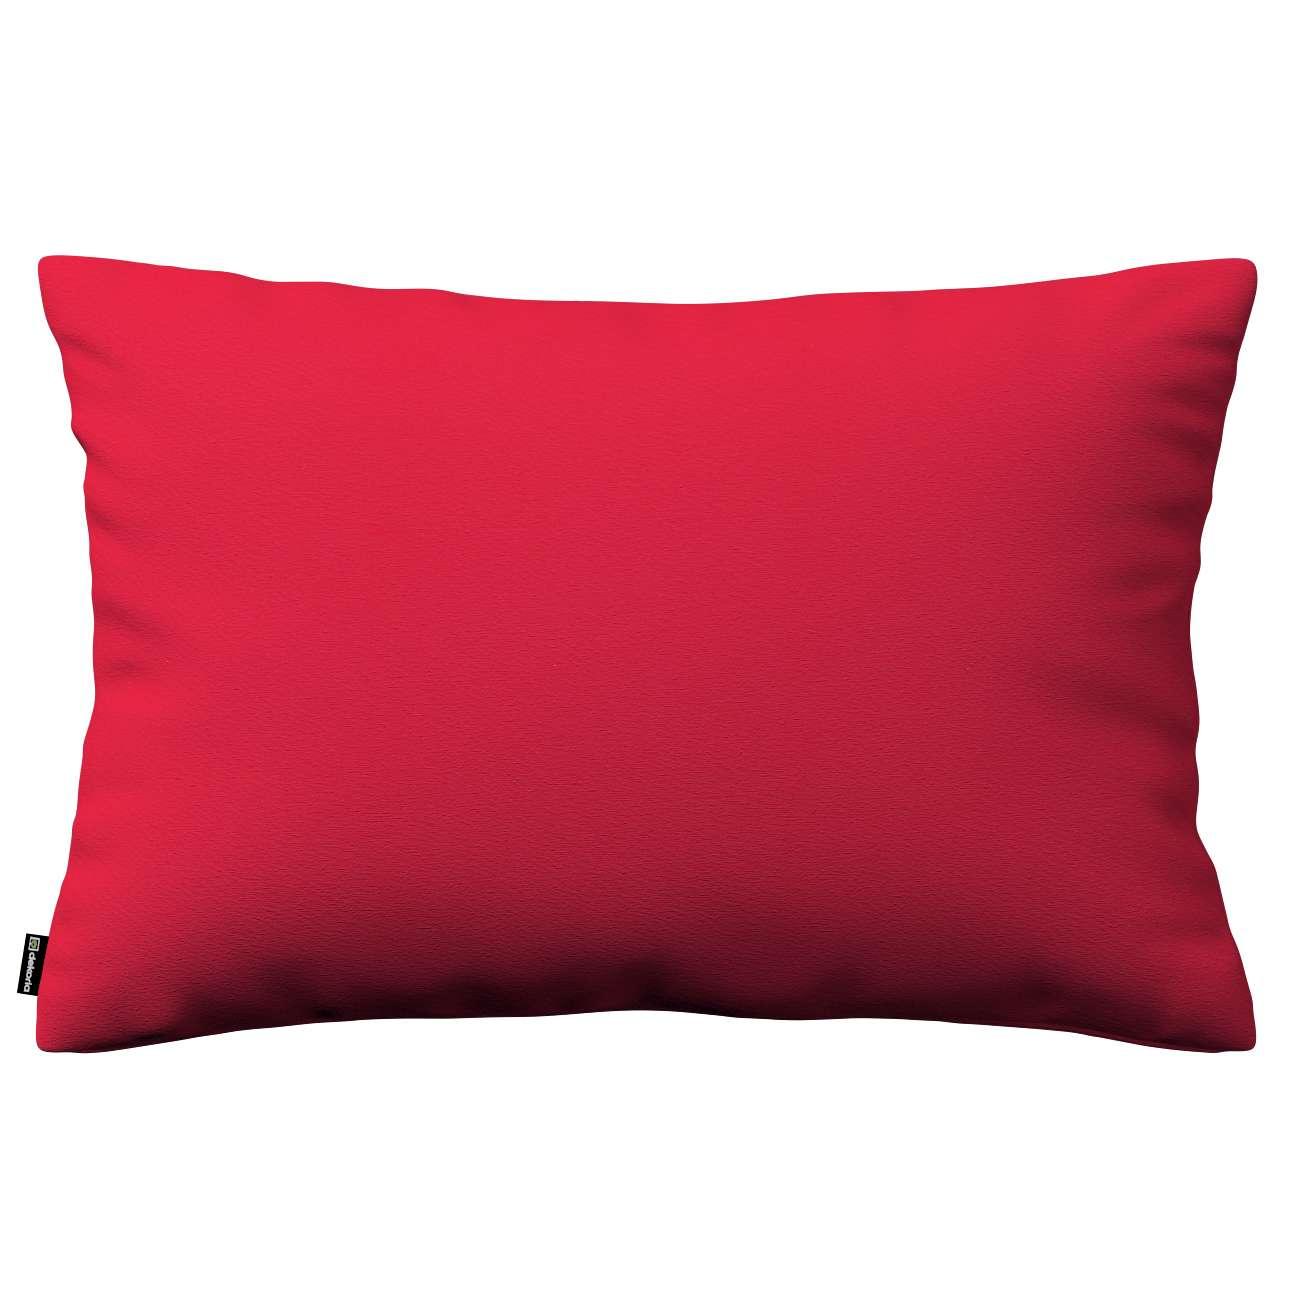 Poszewka Kinga na poduszkę prostokątną 60 x 40 cm w kolekcji Quadro, tkanina: 136-19